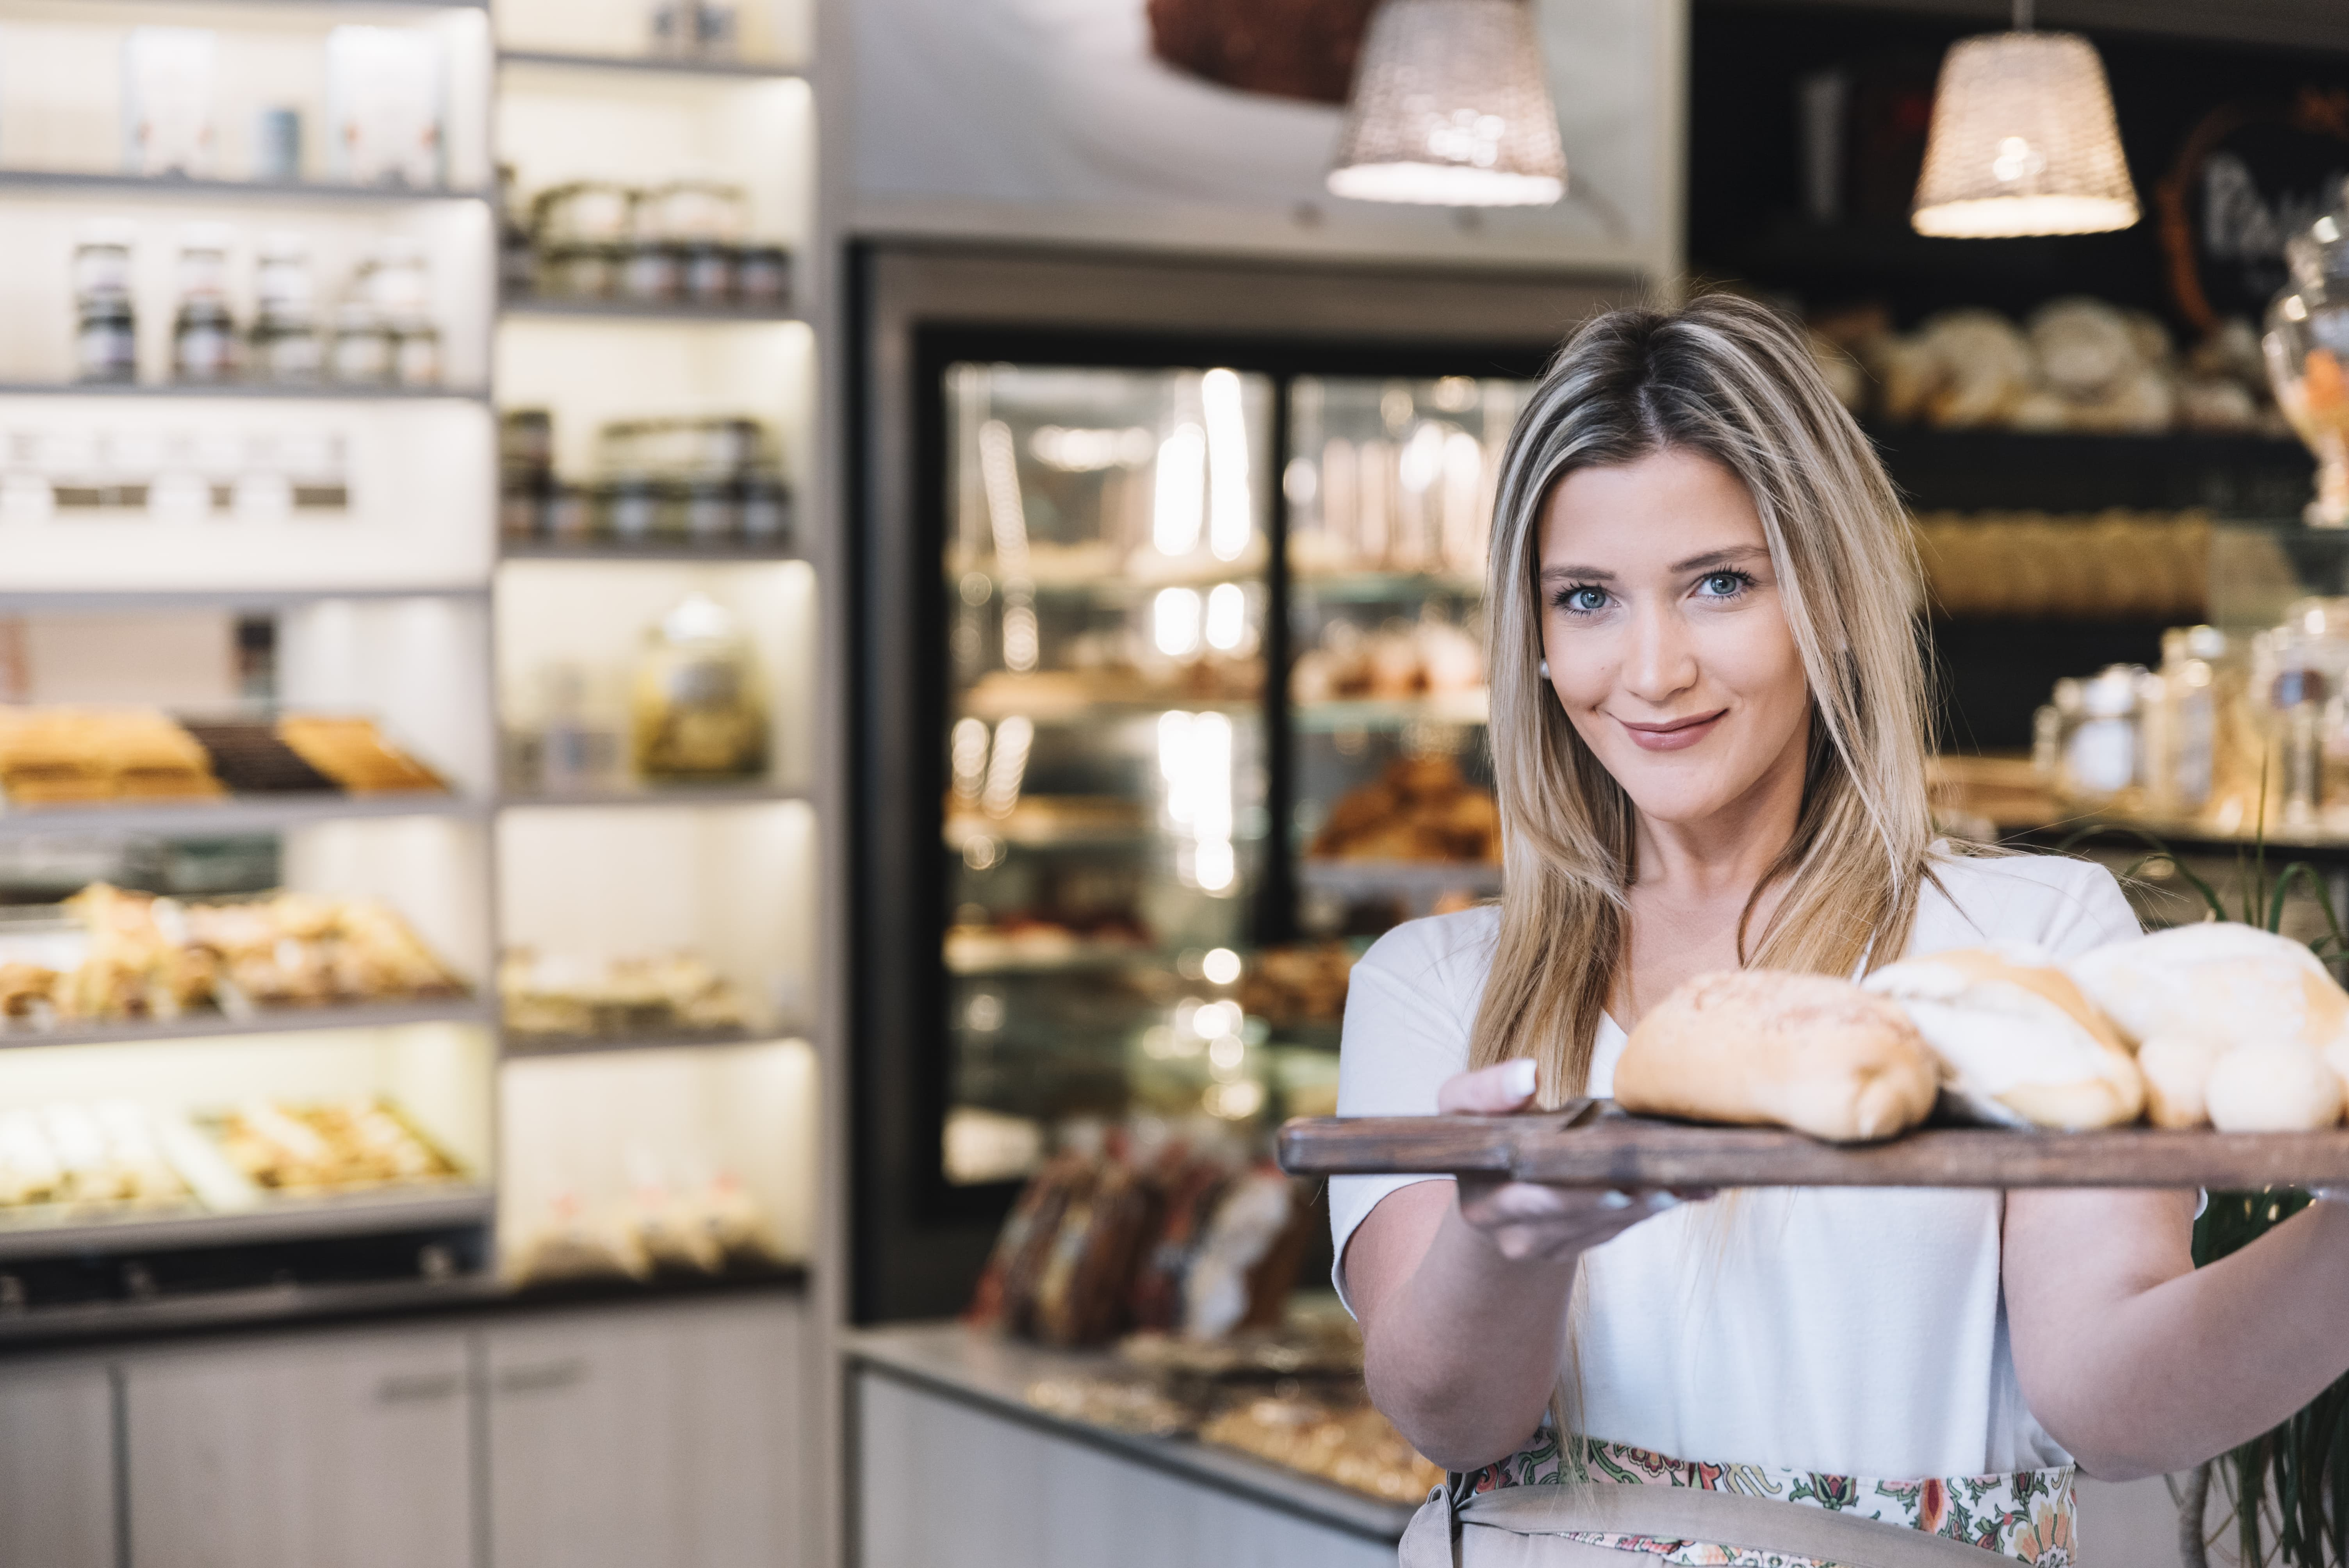 5 Dicas de Inovação em Padarias para Começar a Vender Mais